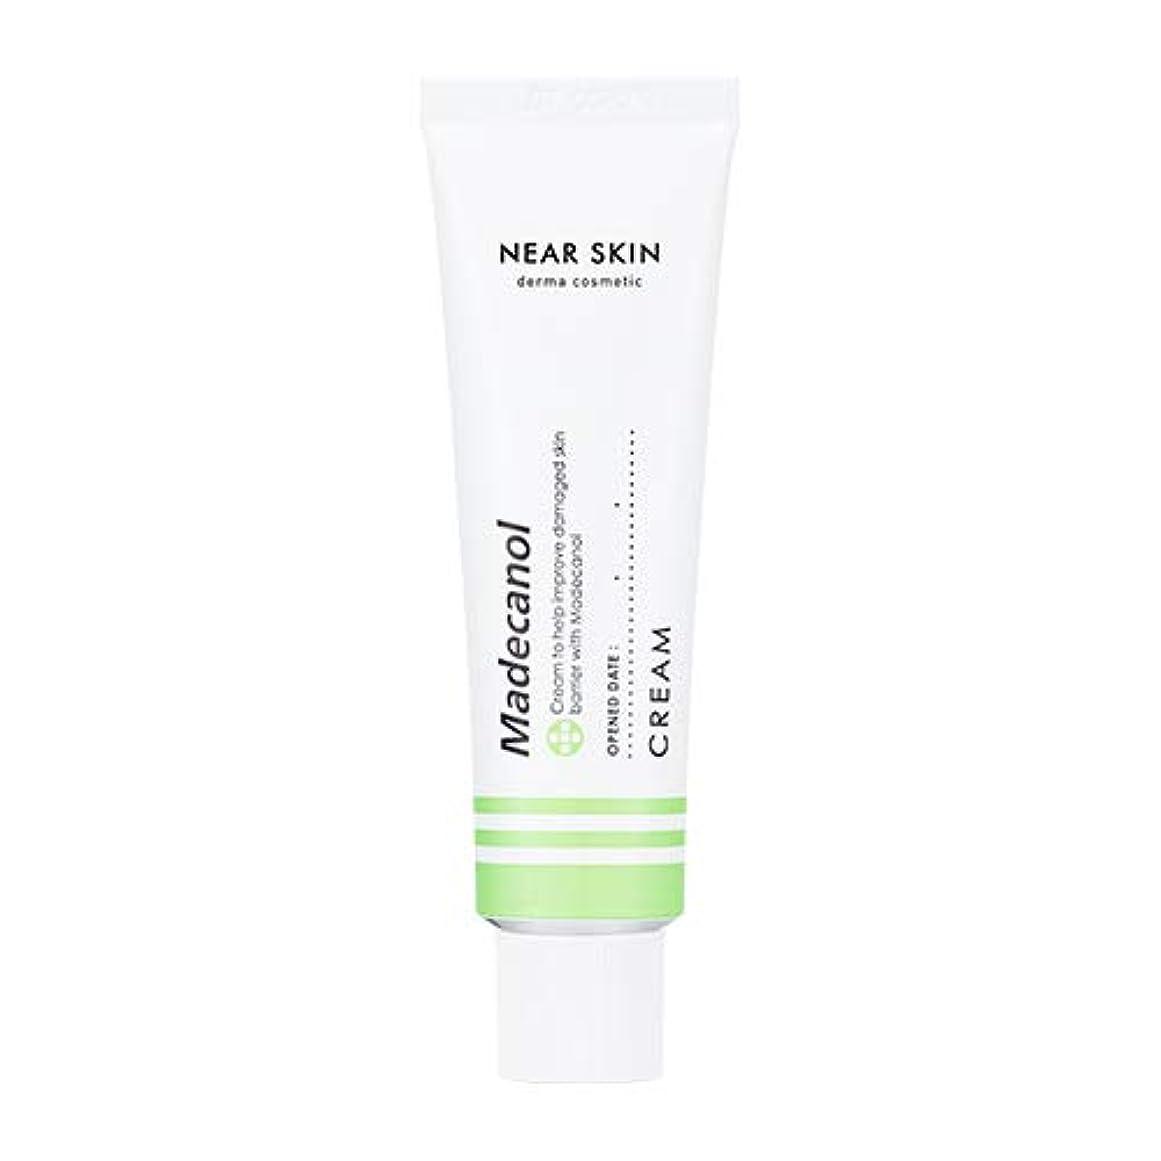 ミシャ ニアスキンマデカノールクリーム/MISSHA NEAR SKIN Madecanol Cream 50ml [並行輸入品]